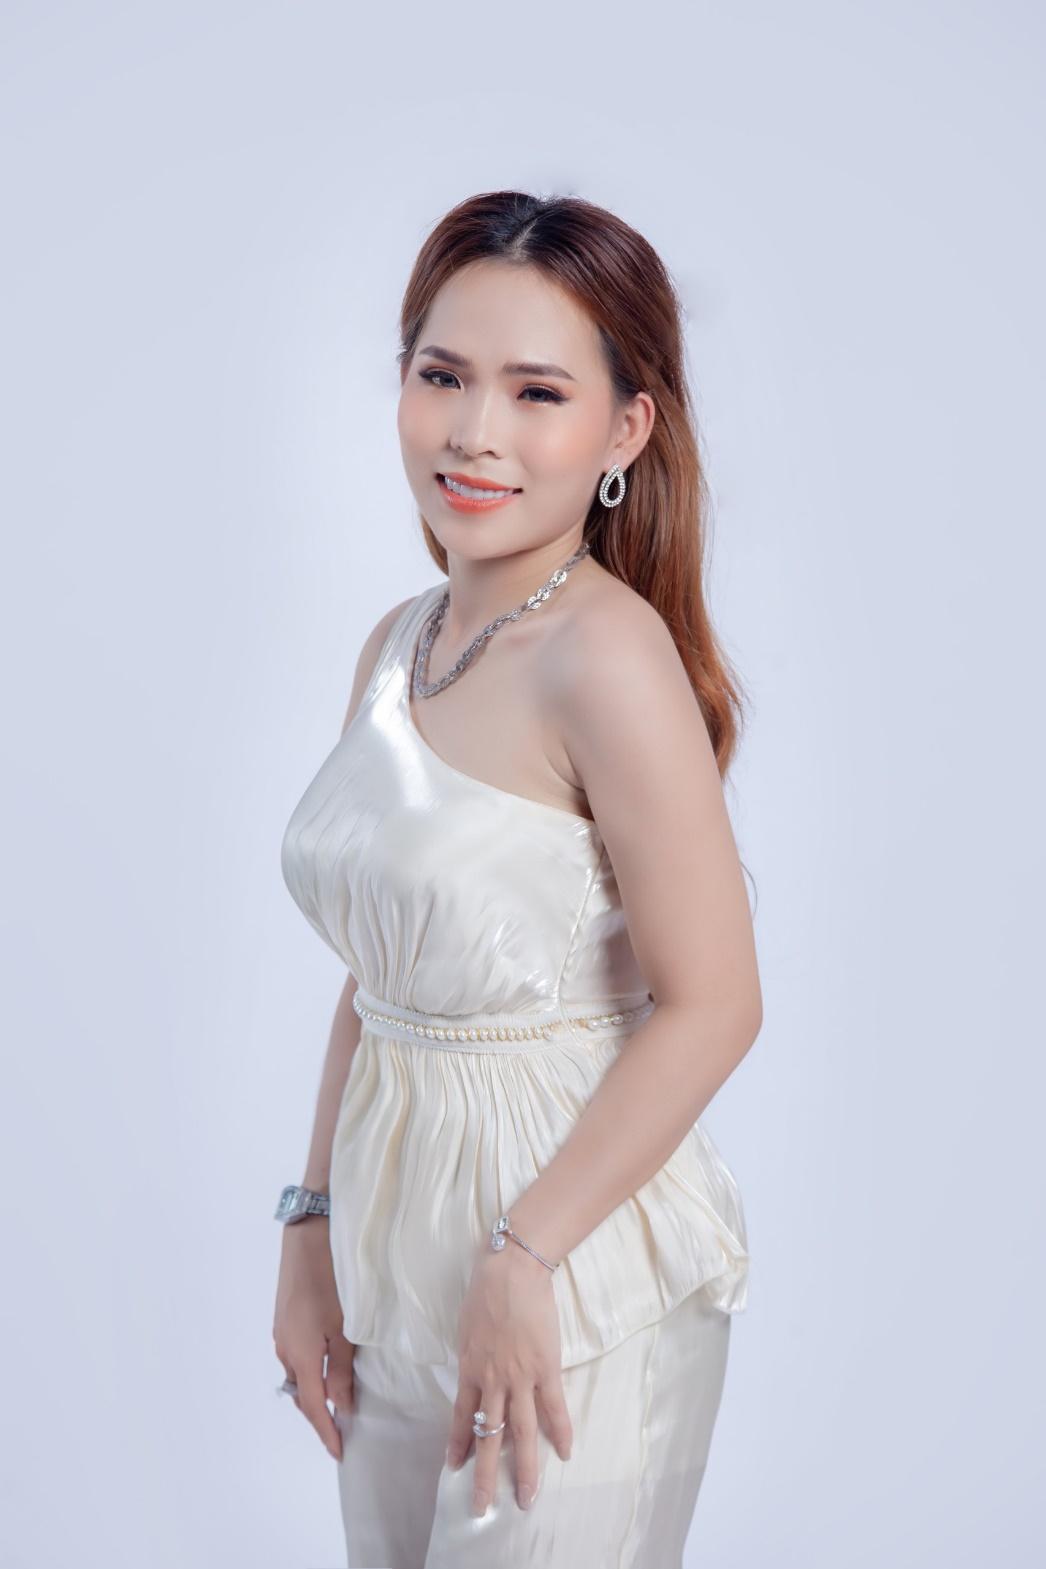 Khánh Ly Boutique một trong những thương hiệu thời trang thiết kế được lòng phái nữ - Ảnh 2